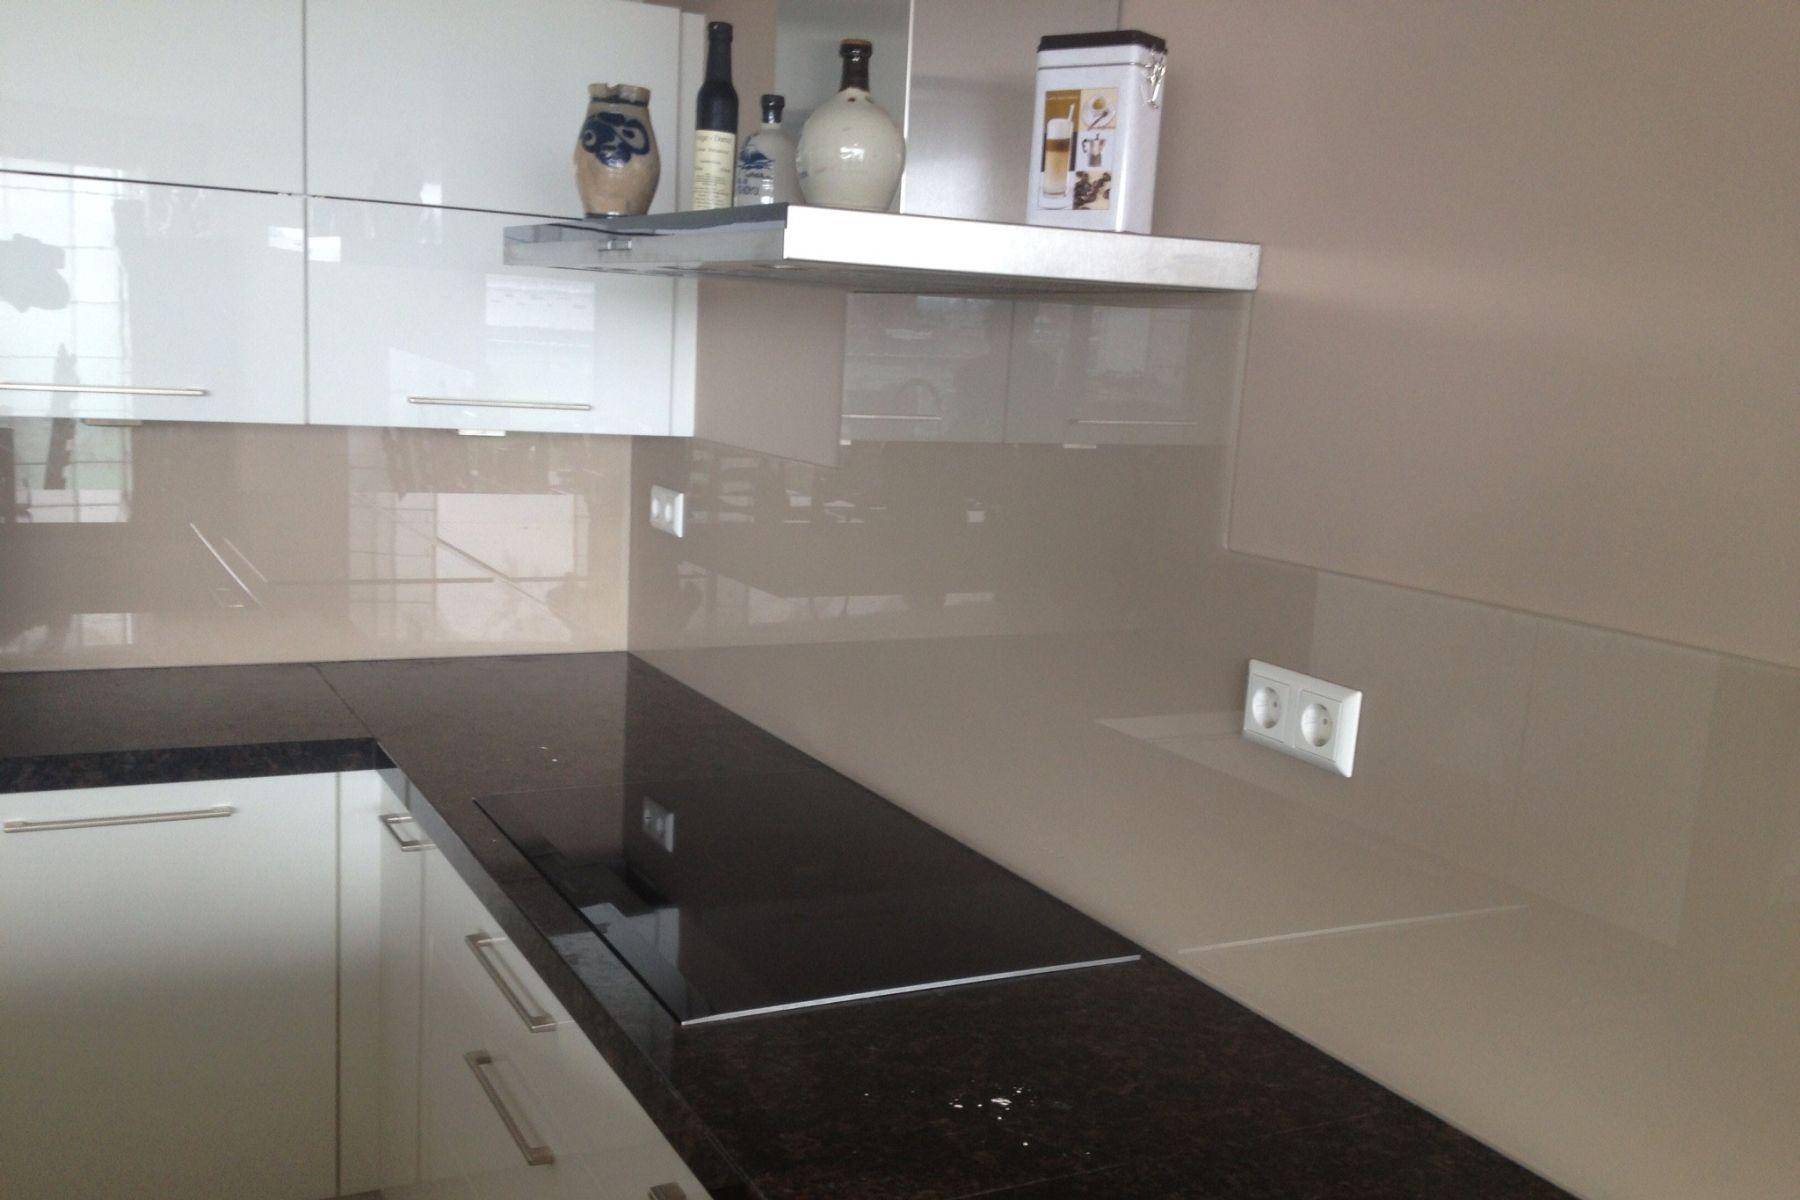 Keuken Glazen Achterwand : Glazen keuken achterwand geplaatst in zoetermeer